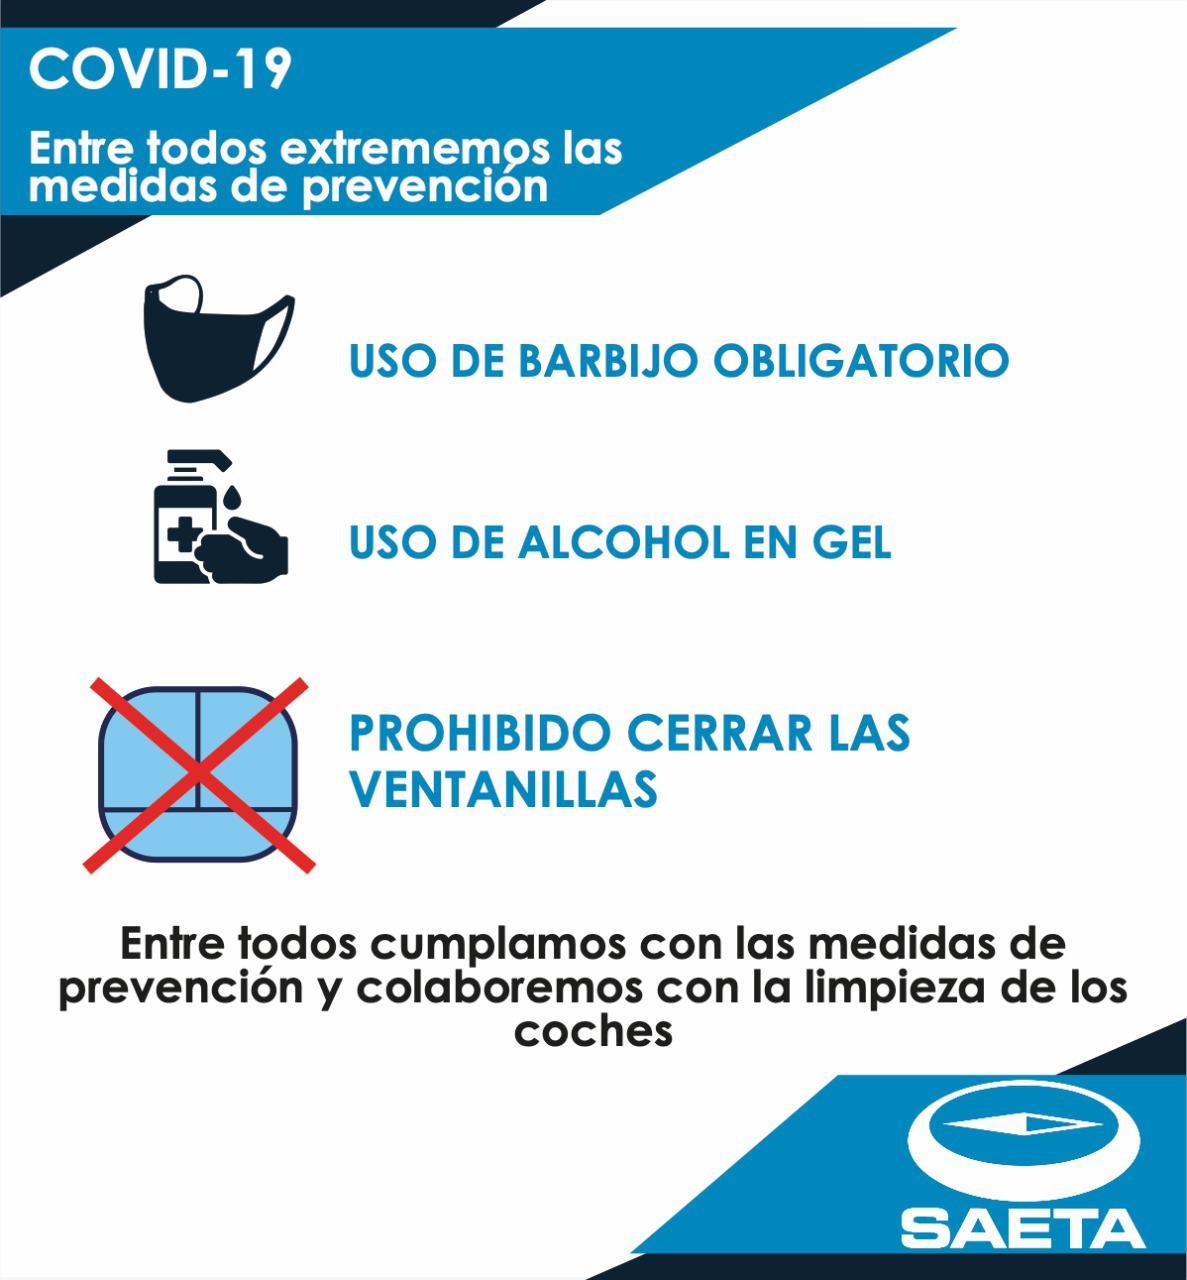 Medidas de Prevención SAETA